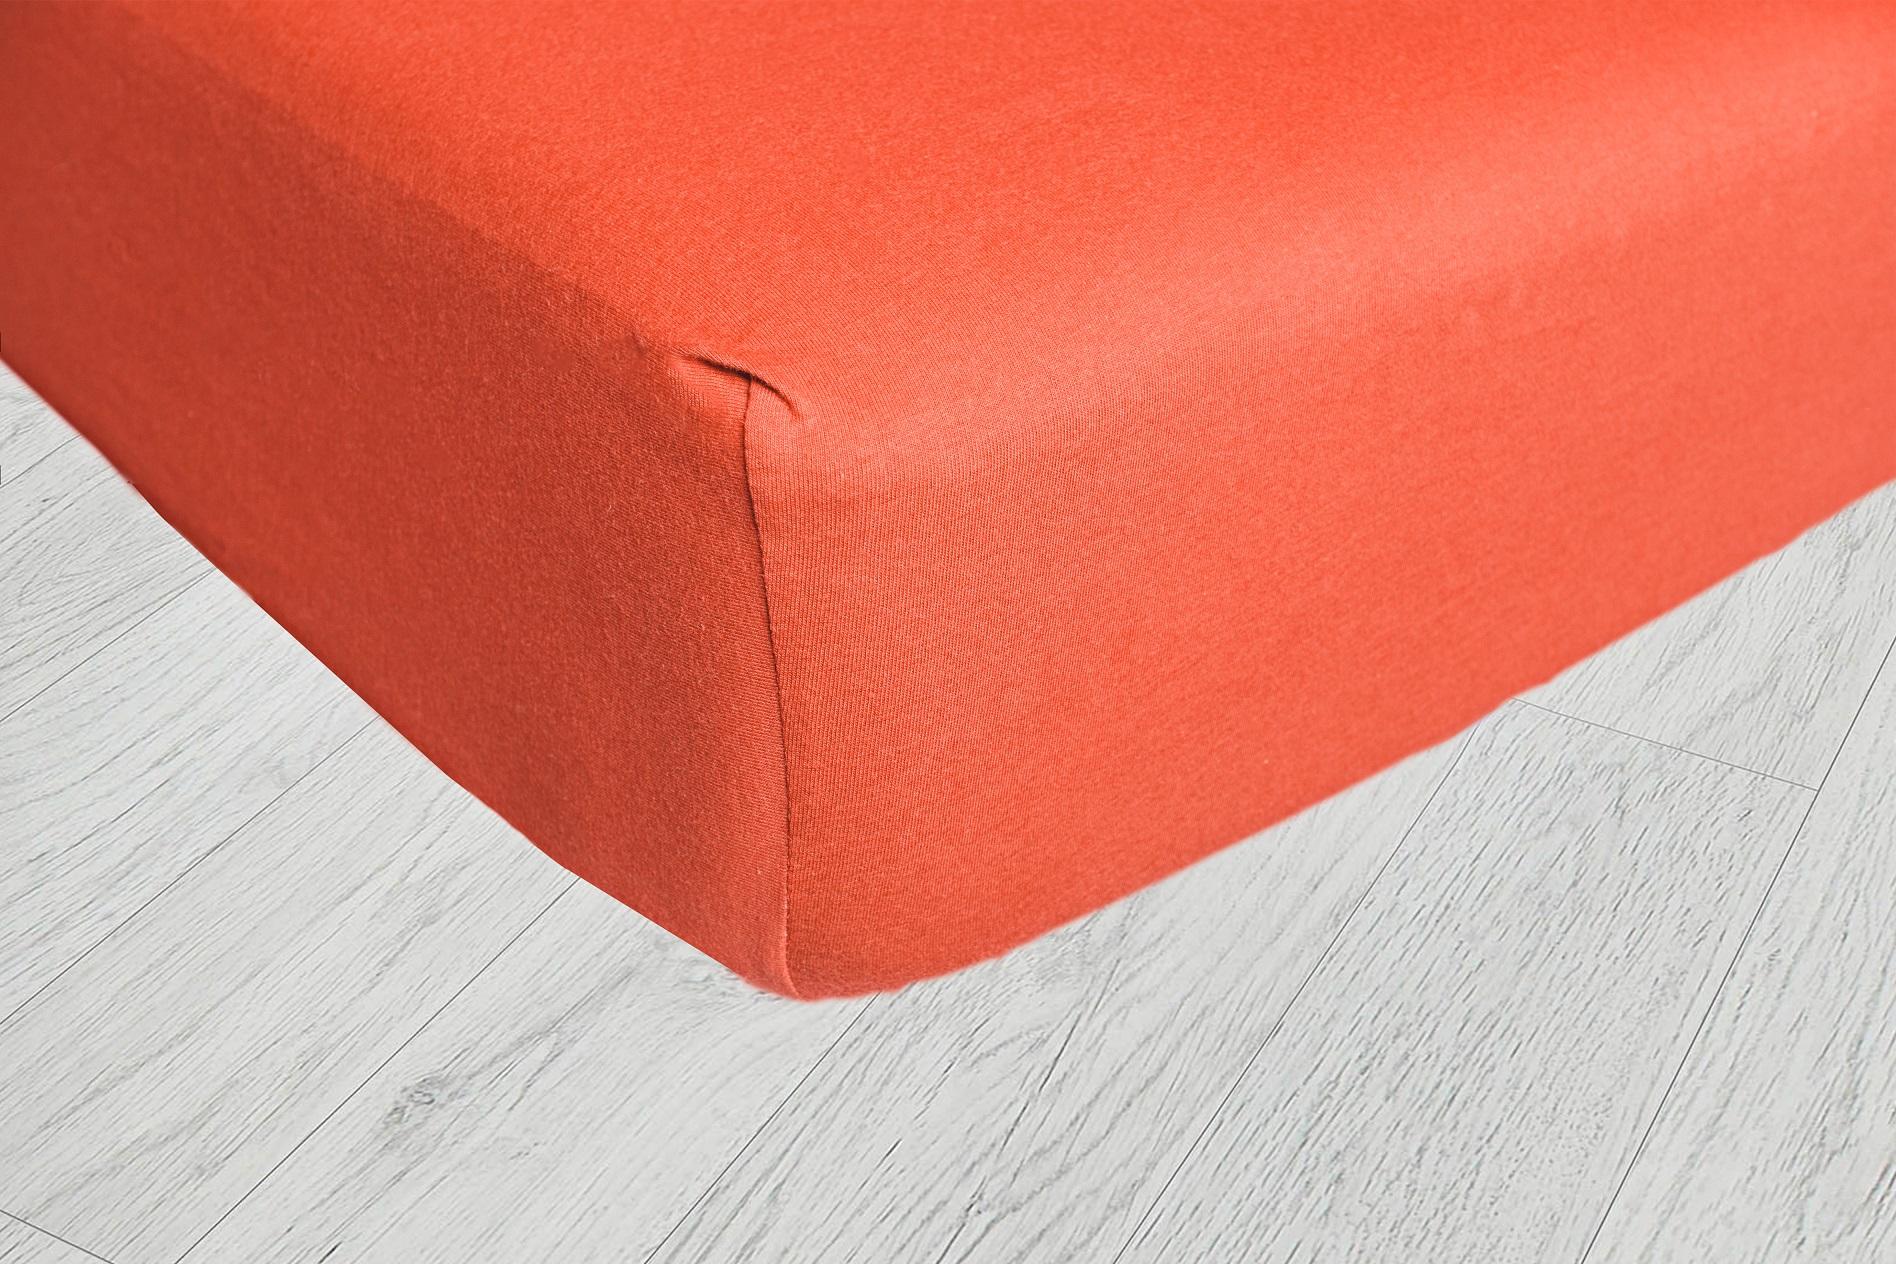 Plachty jersey - Oranžová